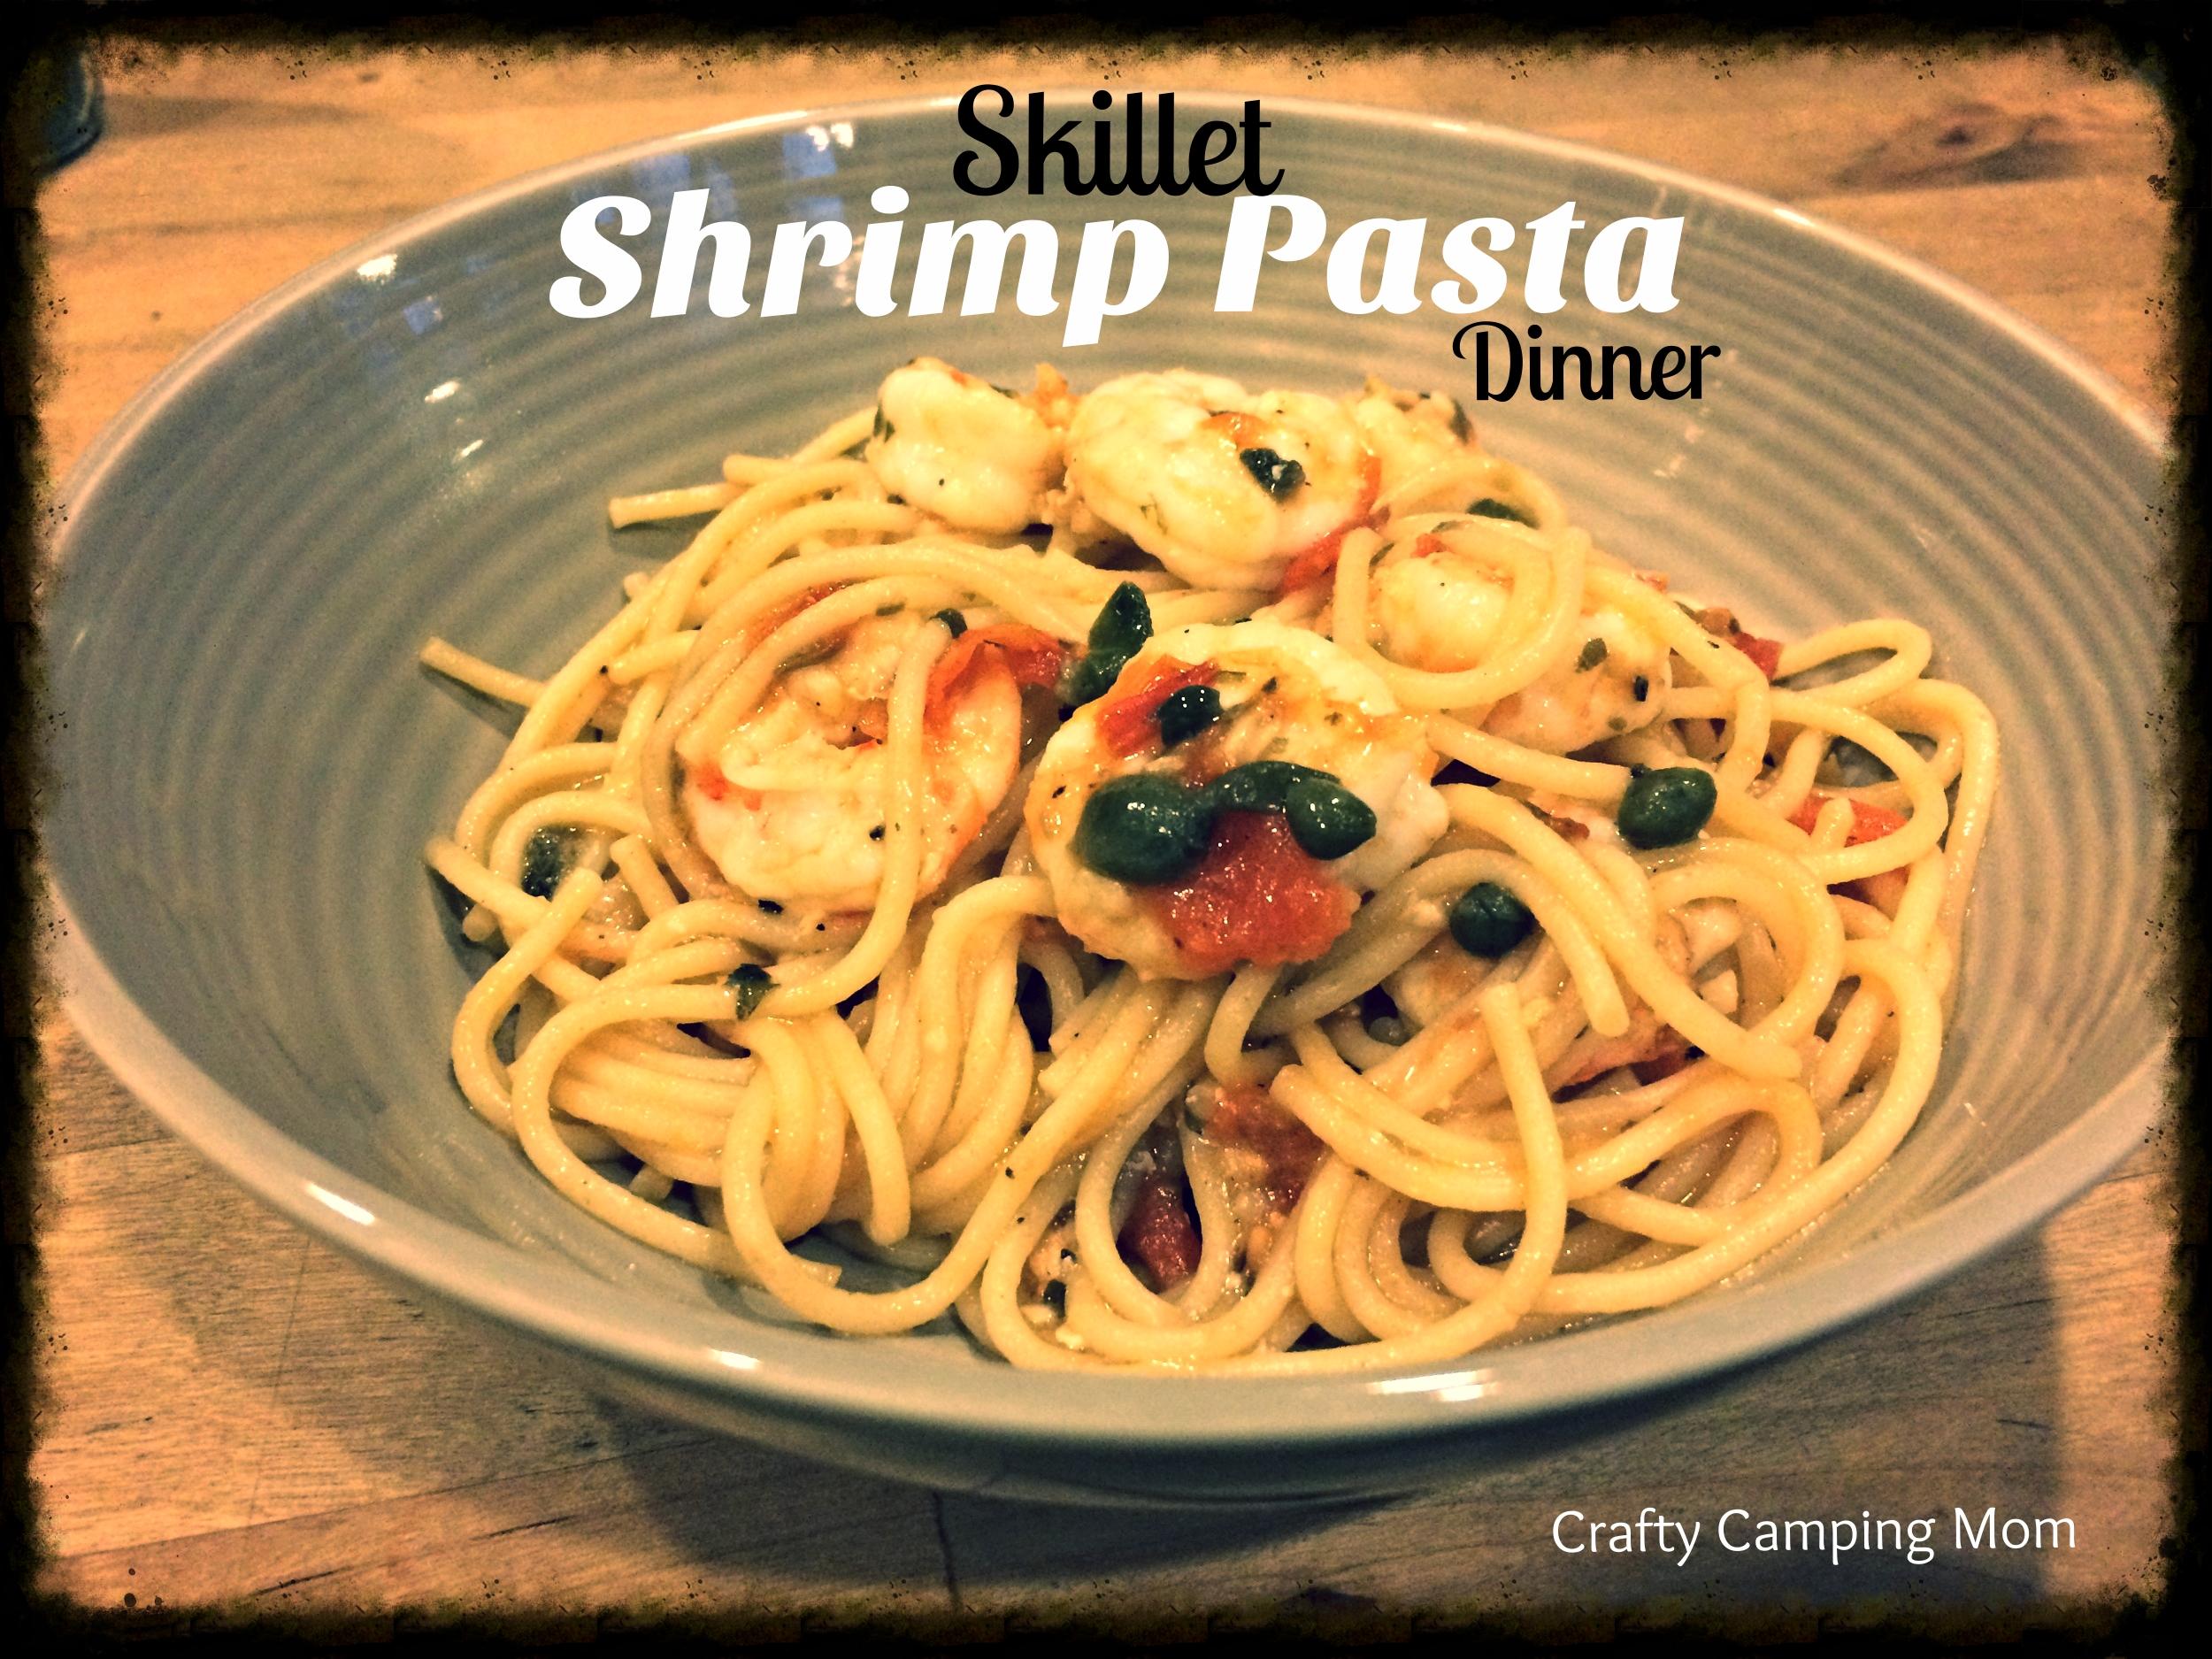 Skillet Shrimp Pasta Dinner